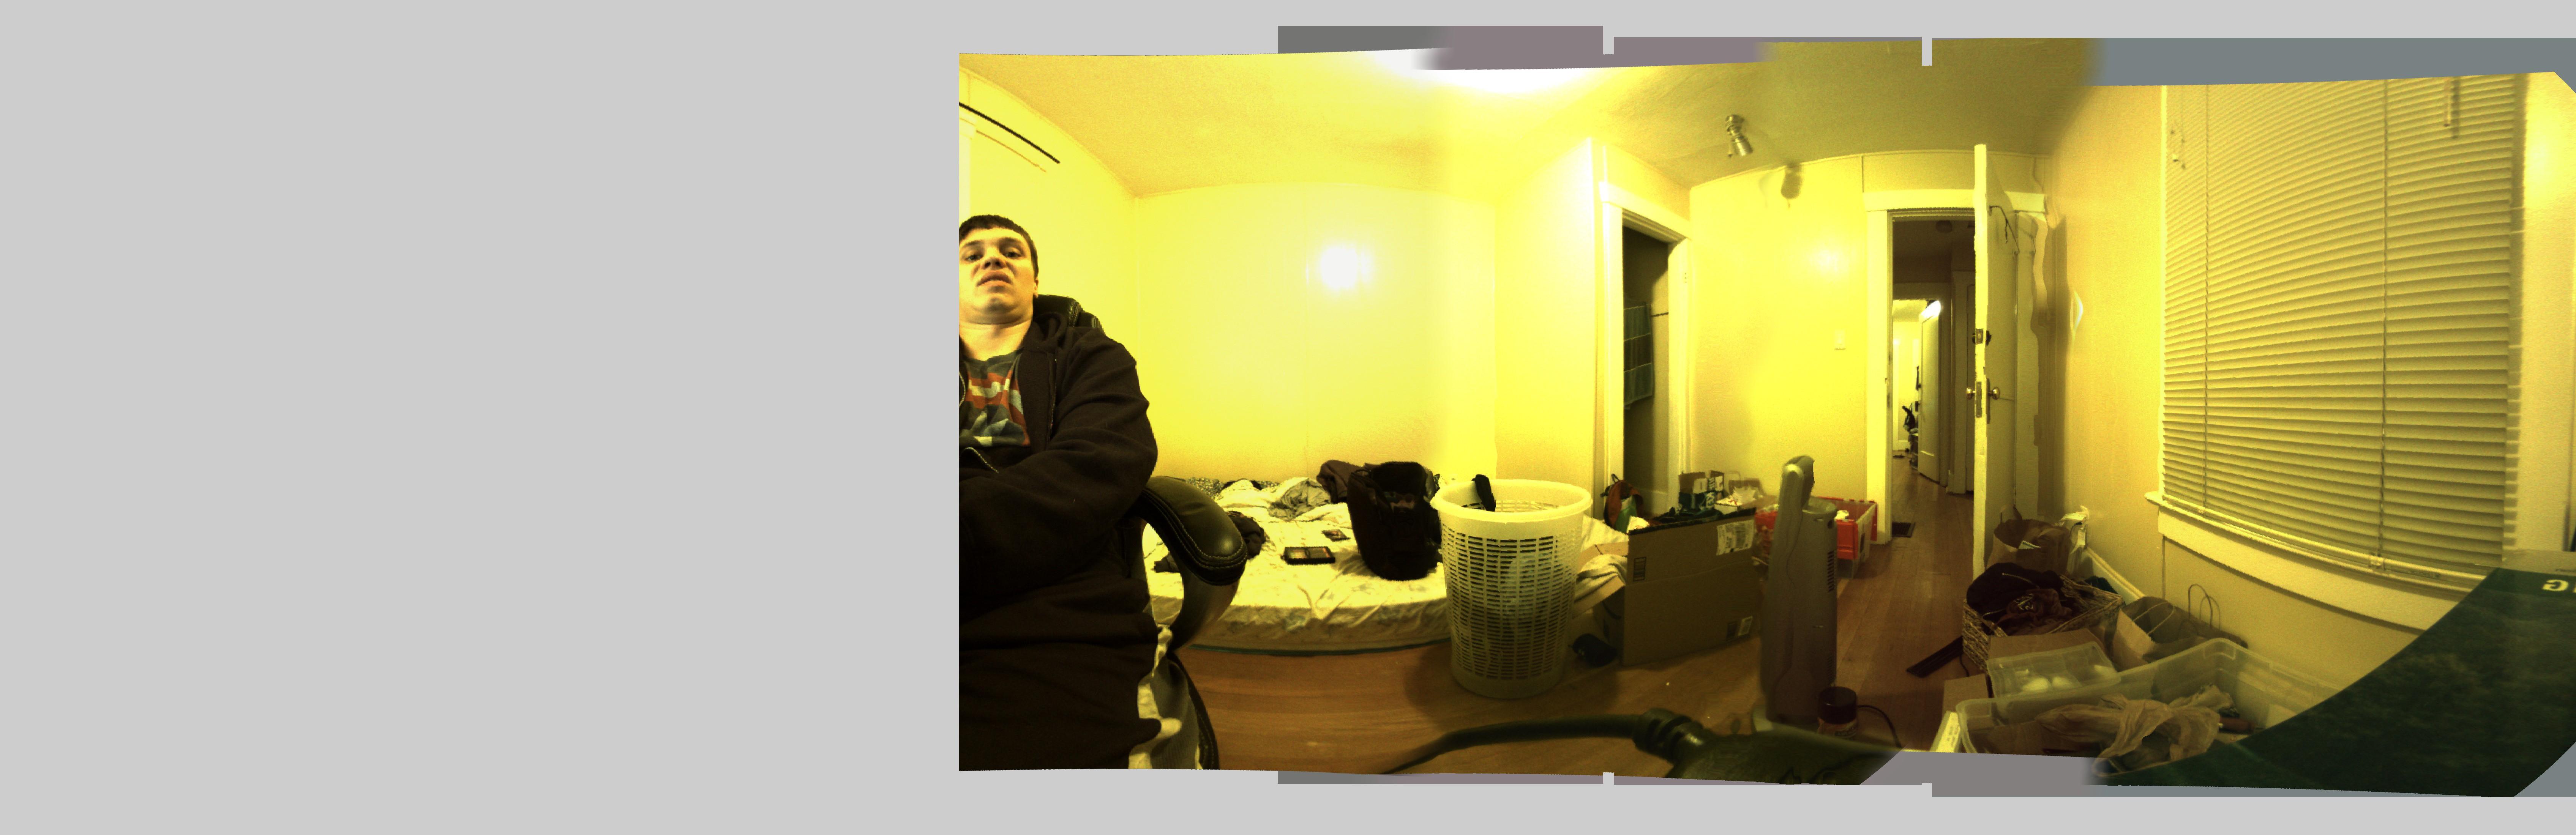 Project | VR Camera: FPGA Stereoscopic 3D 360 Camera